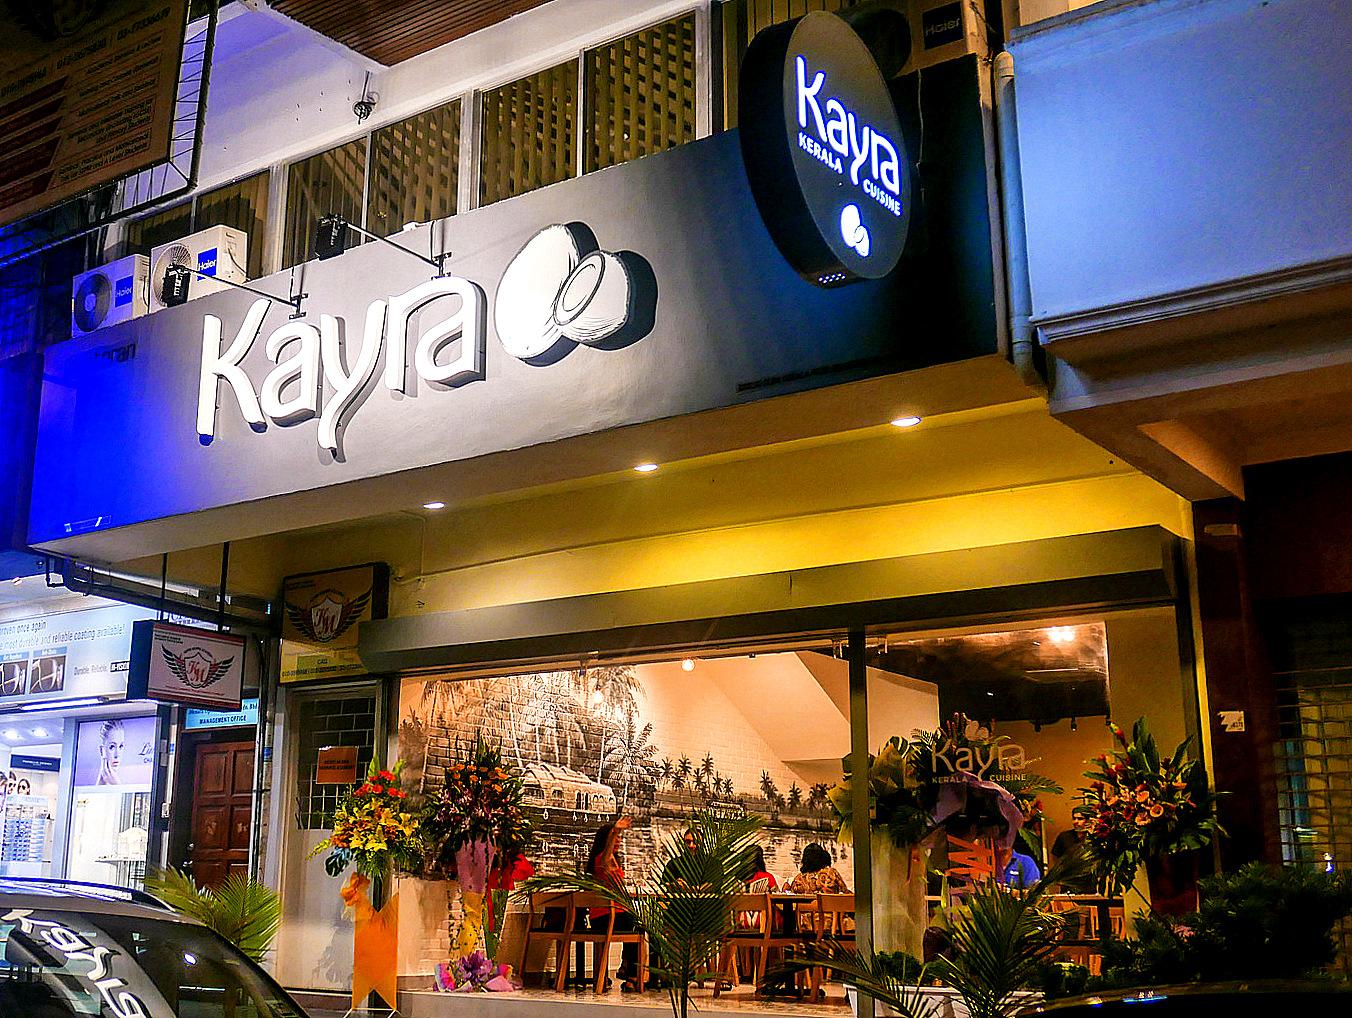 Kayra Kerala Cuisine Taman Tun Dr Ismail